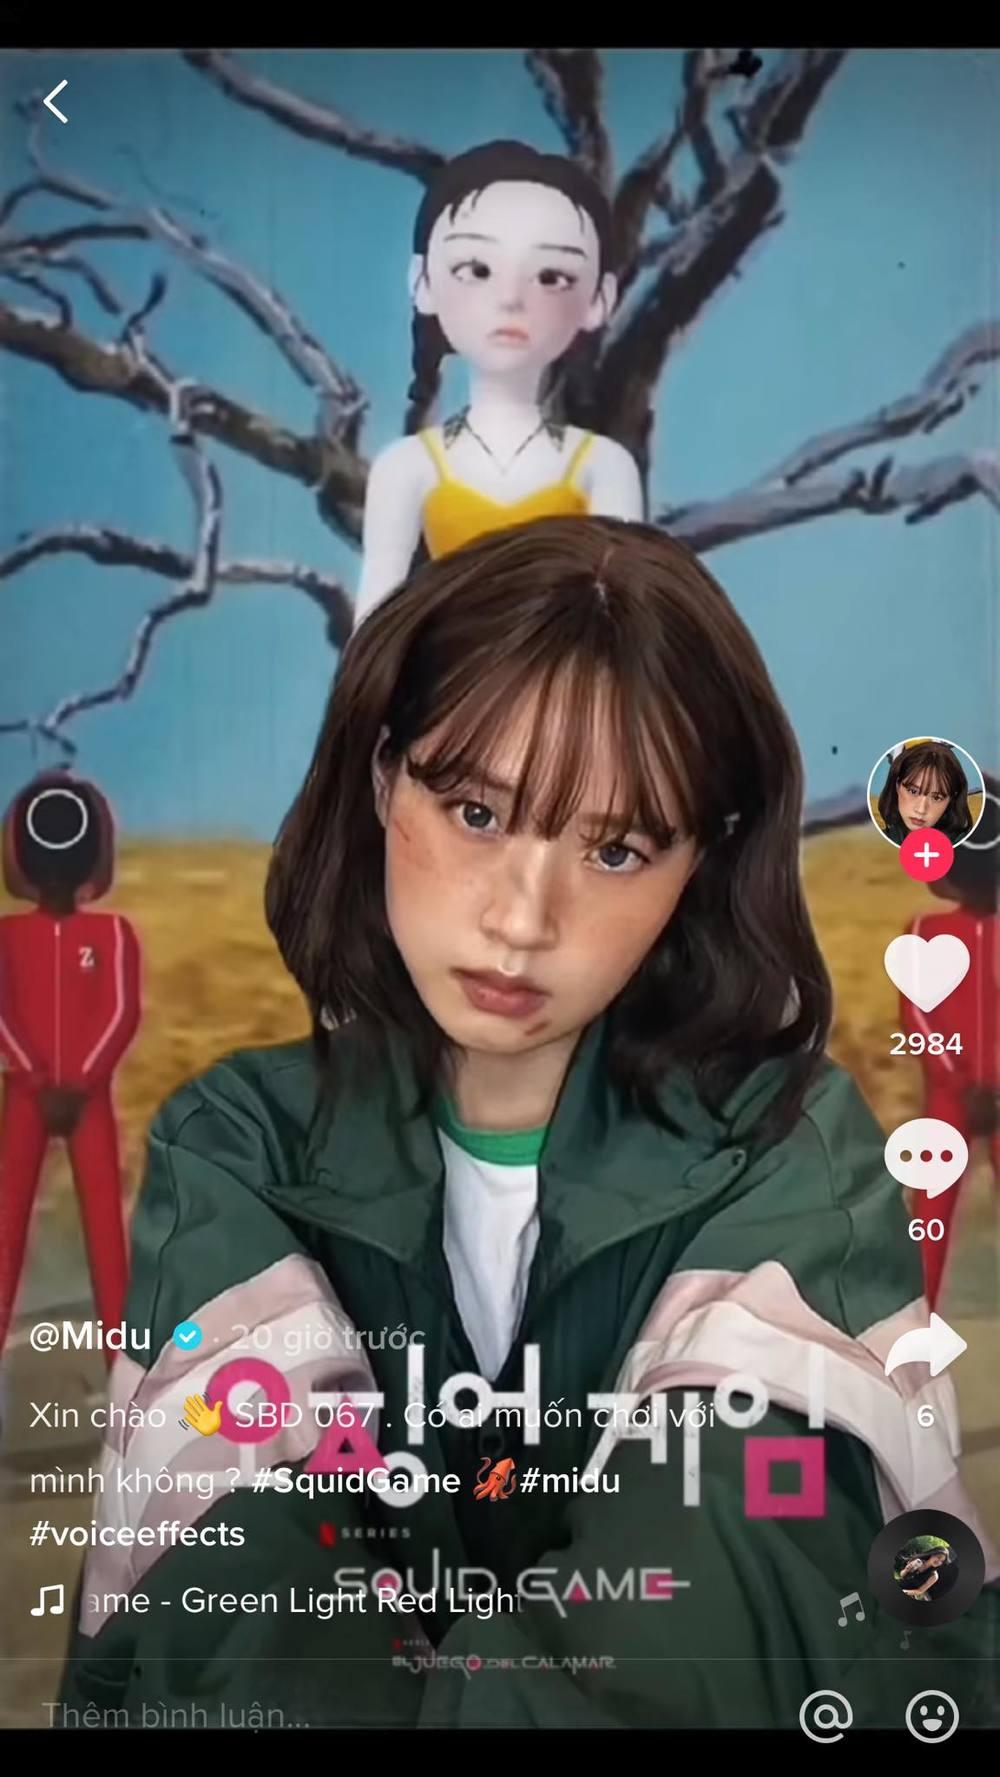 Biến hóa liên tục thành 2 nhân vật nữ nổi bật trong phim, Midu khiến nhiều người mê đắm. (Ảnh: Chụp màn hình) - Tin sao Viet - Tin tuc sao Viet - Scandal sao Viet - Tin tuc cua Sao - Tin cua Sao